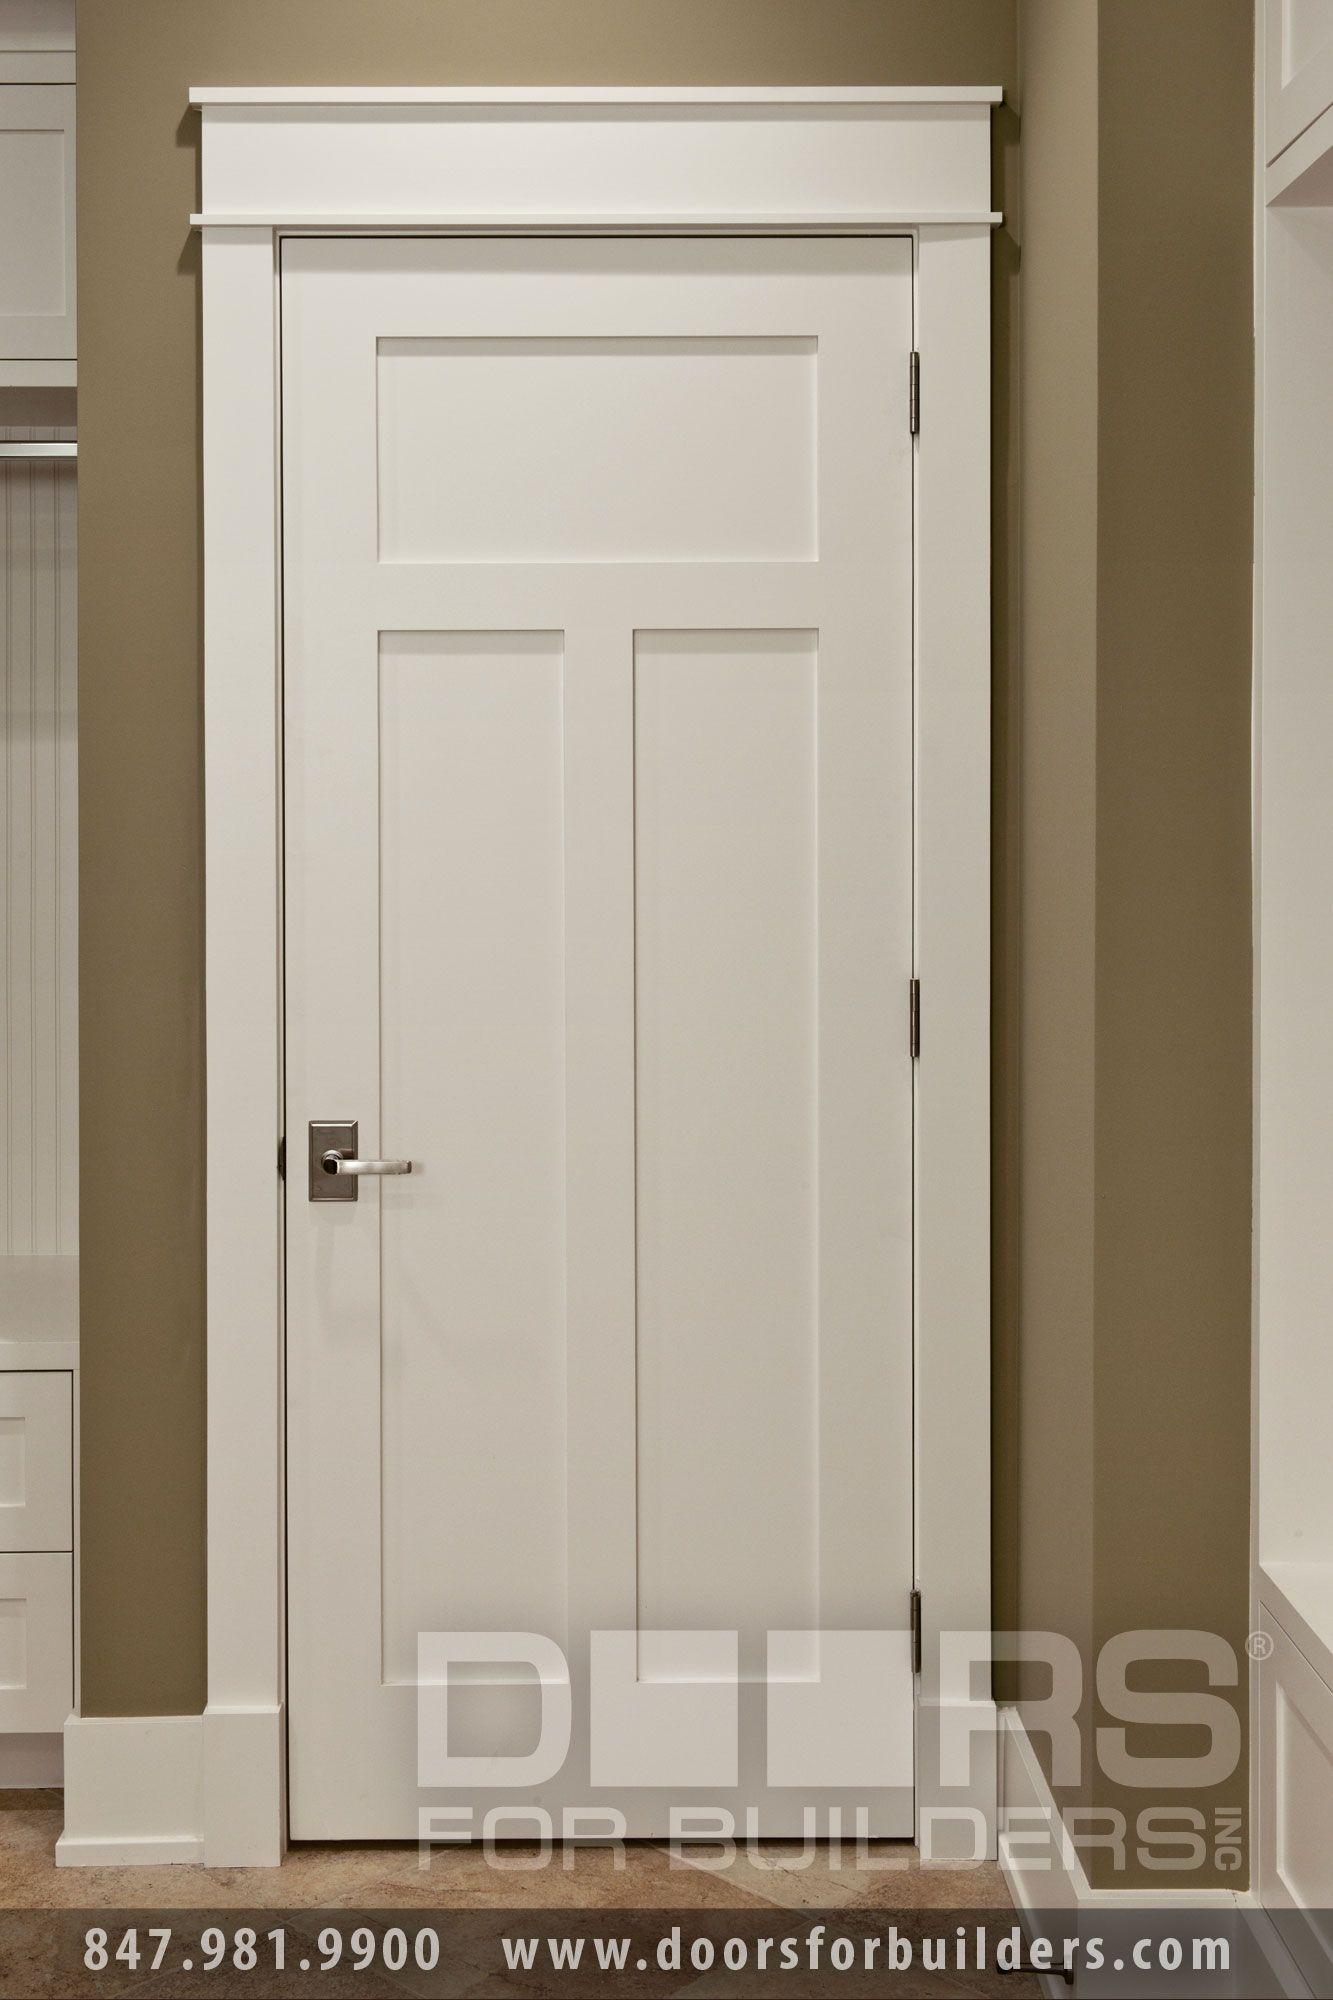 Artisanal style wooden doors |  custom made wooden interior doors |  EIBNZGZ